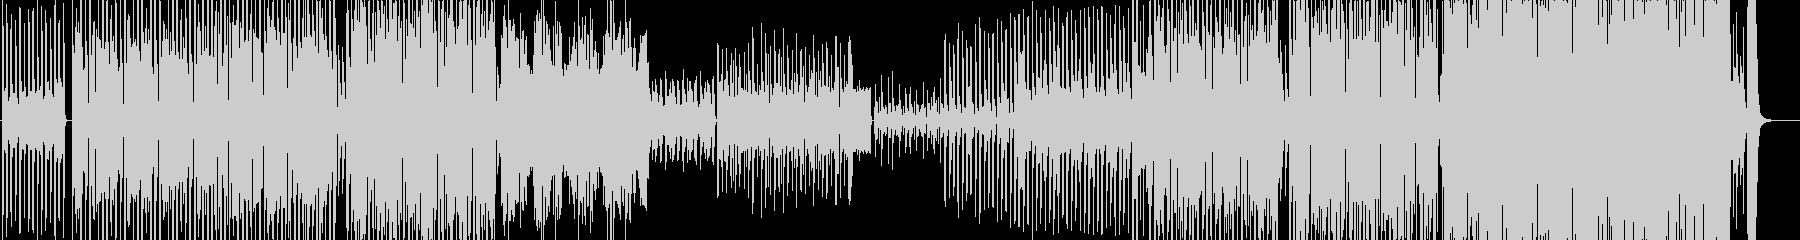 パーカッシブなダンス曲の未再生の波形